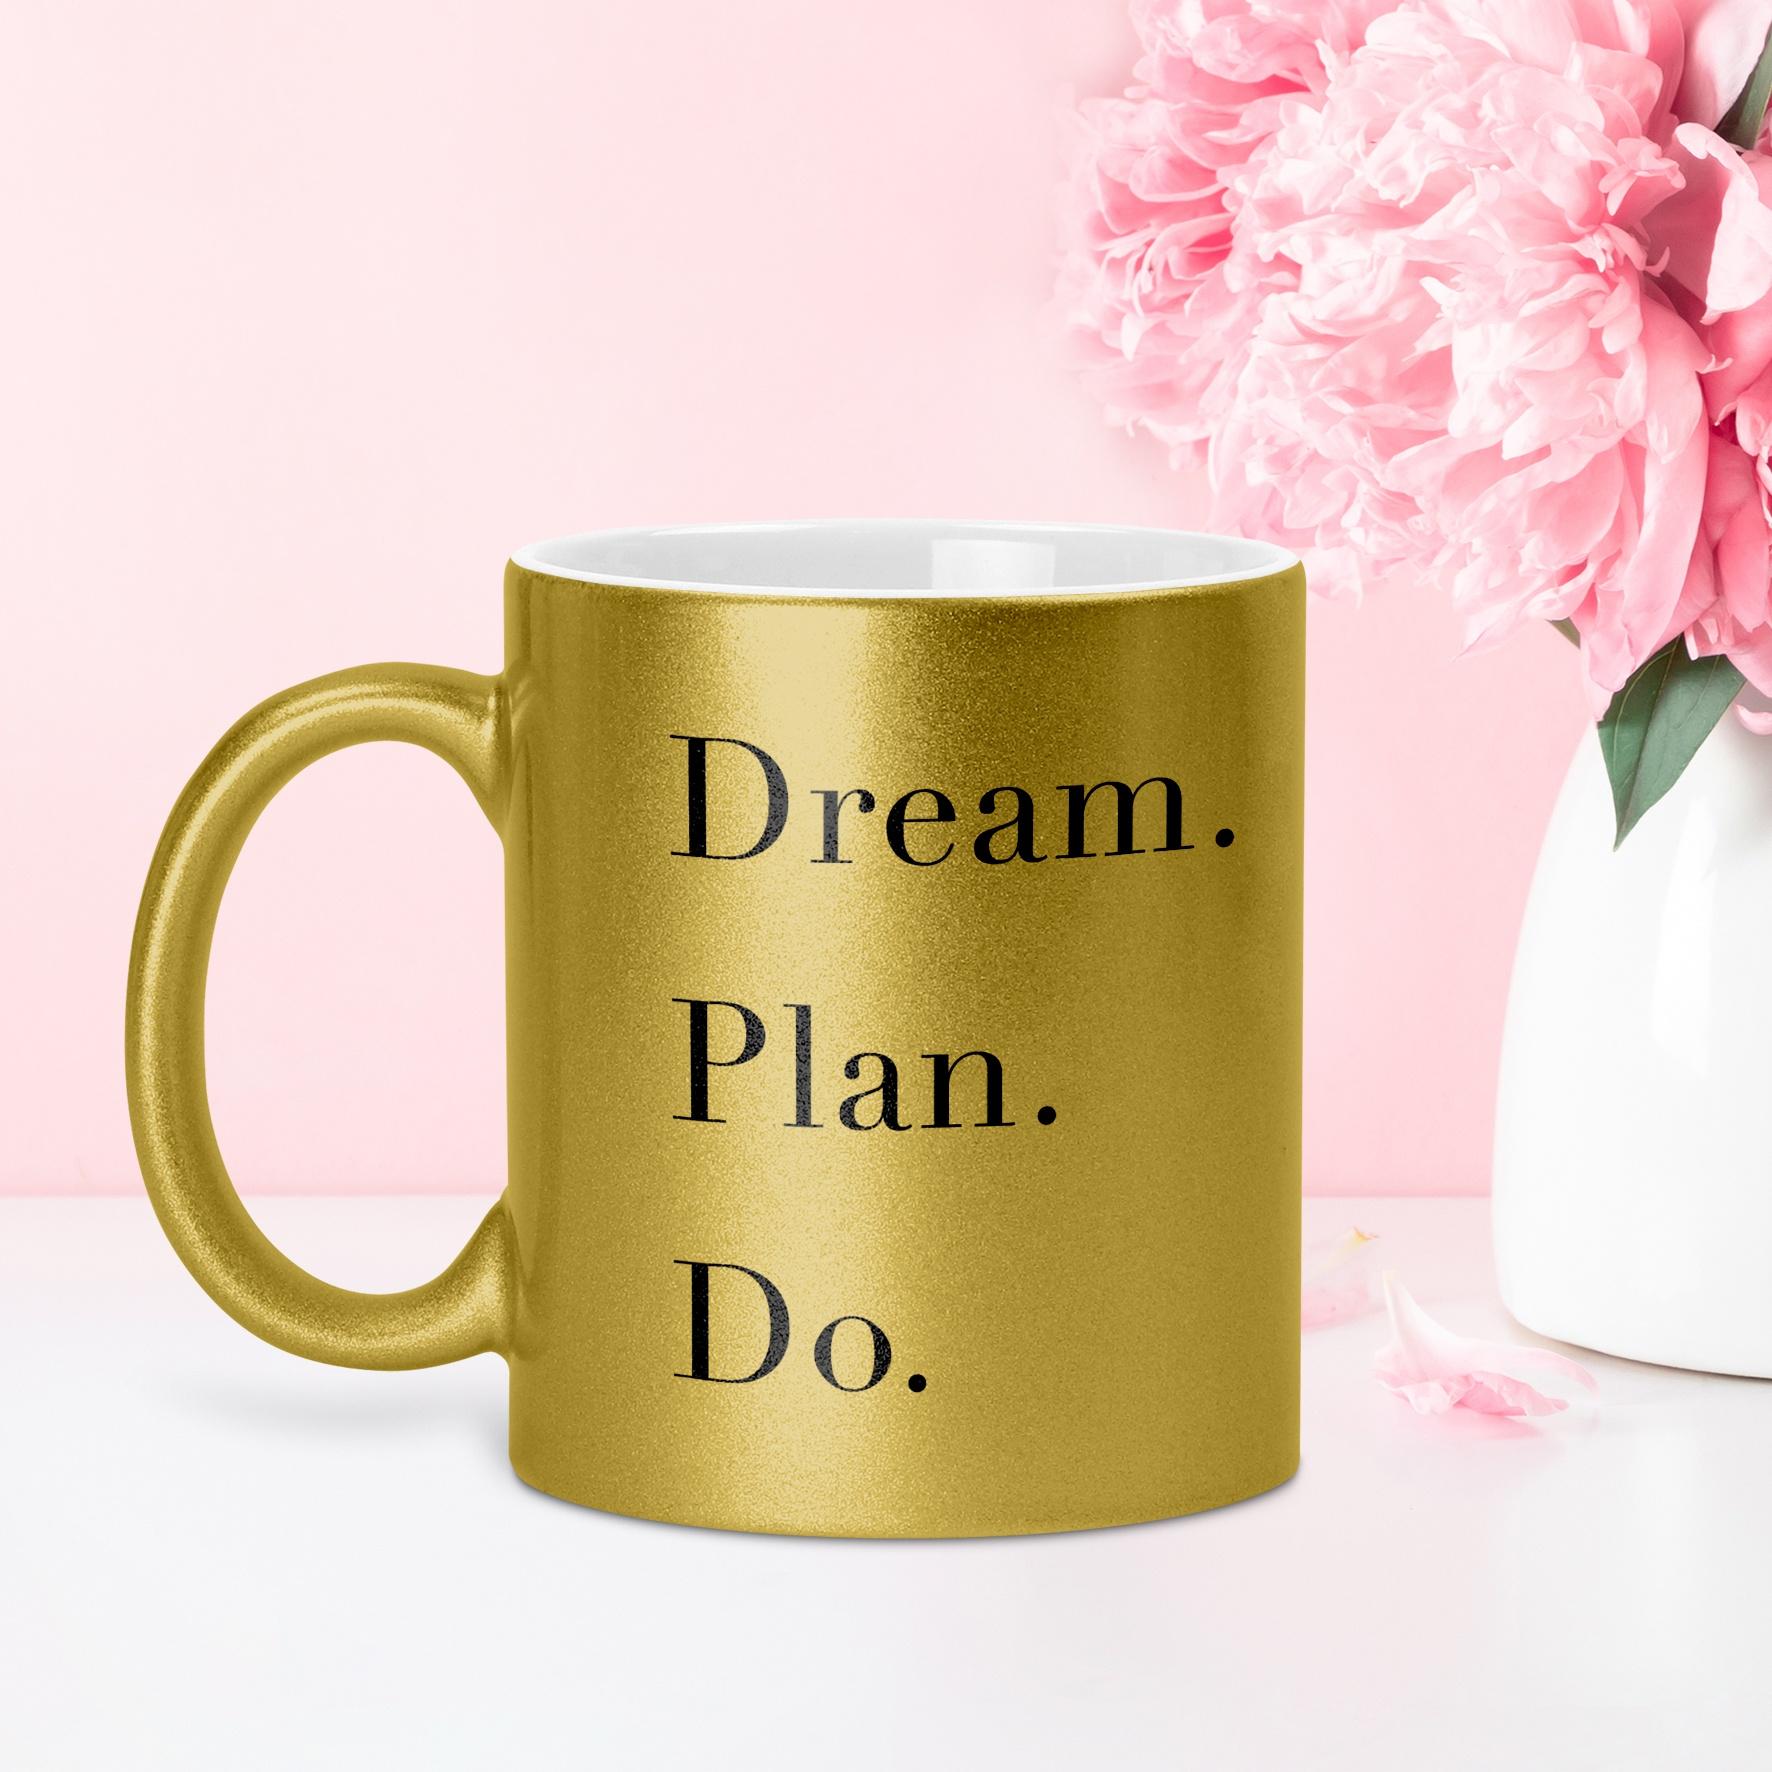 Dream, Plan, Do - GLAM